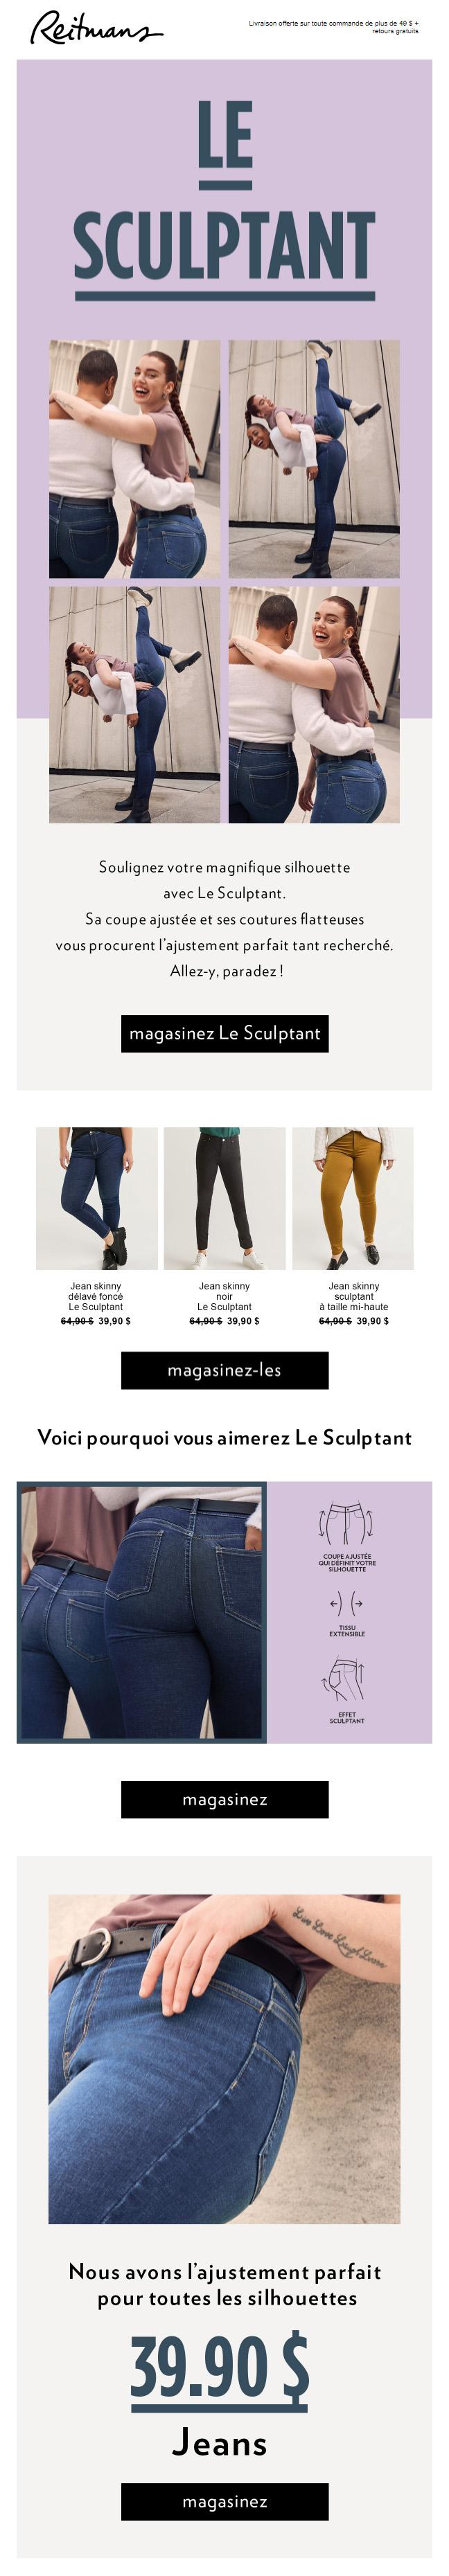 Notre Jeans Le Sculptant Est Fait Pour Vous!